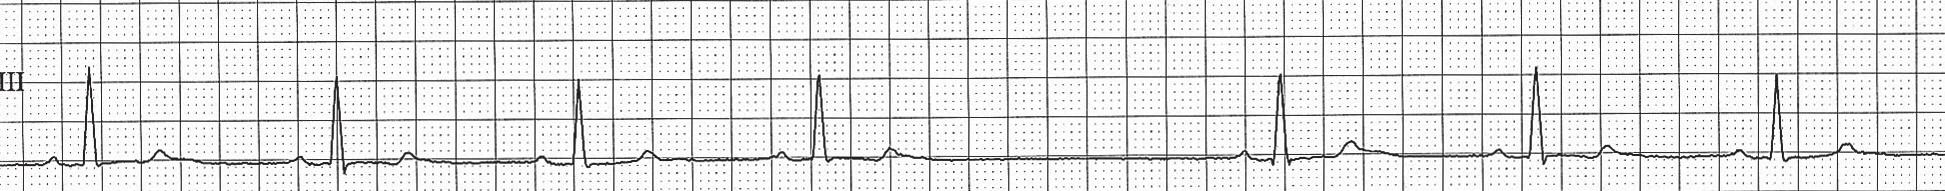 Pauza při dysfunkci SA uzlu (SA blokáda 2. stupně). Po čtrtém QRS komplexu následuje pauza, v rámci níž není přítomna nepřevedená P vlna, a v tomto případě se jedná o pauzu na pokladě dysfunkce SA uzlu.